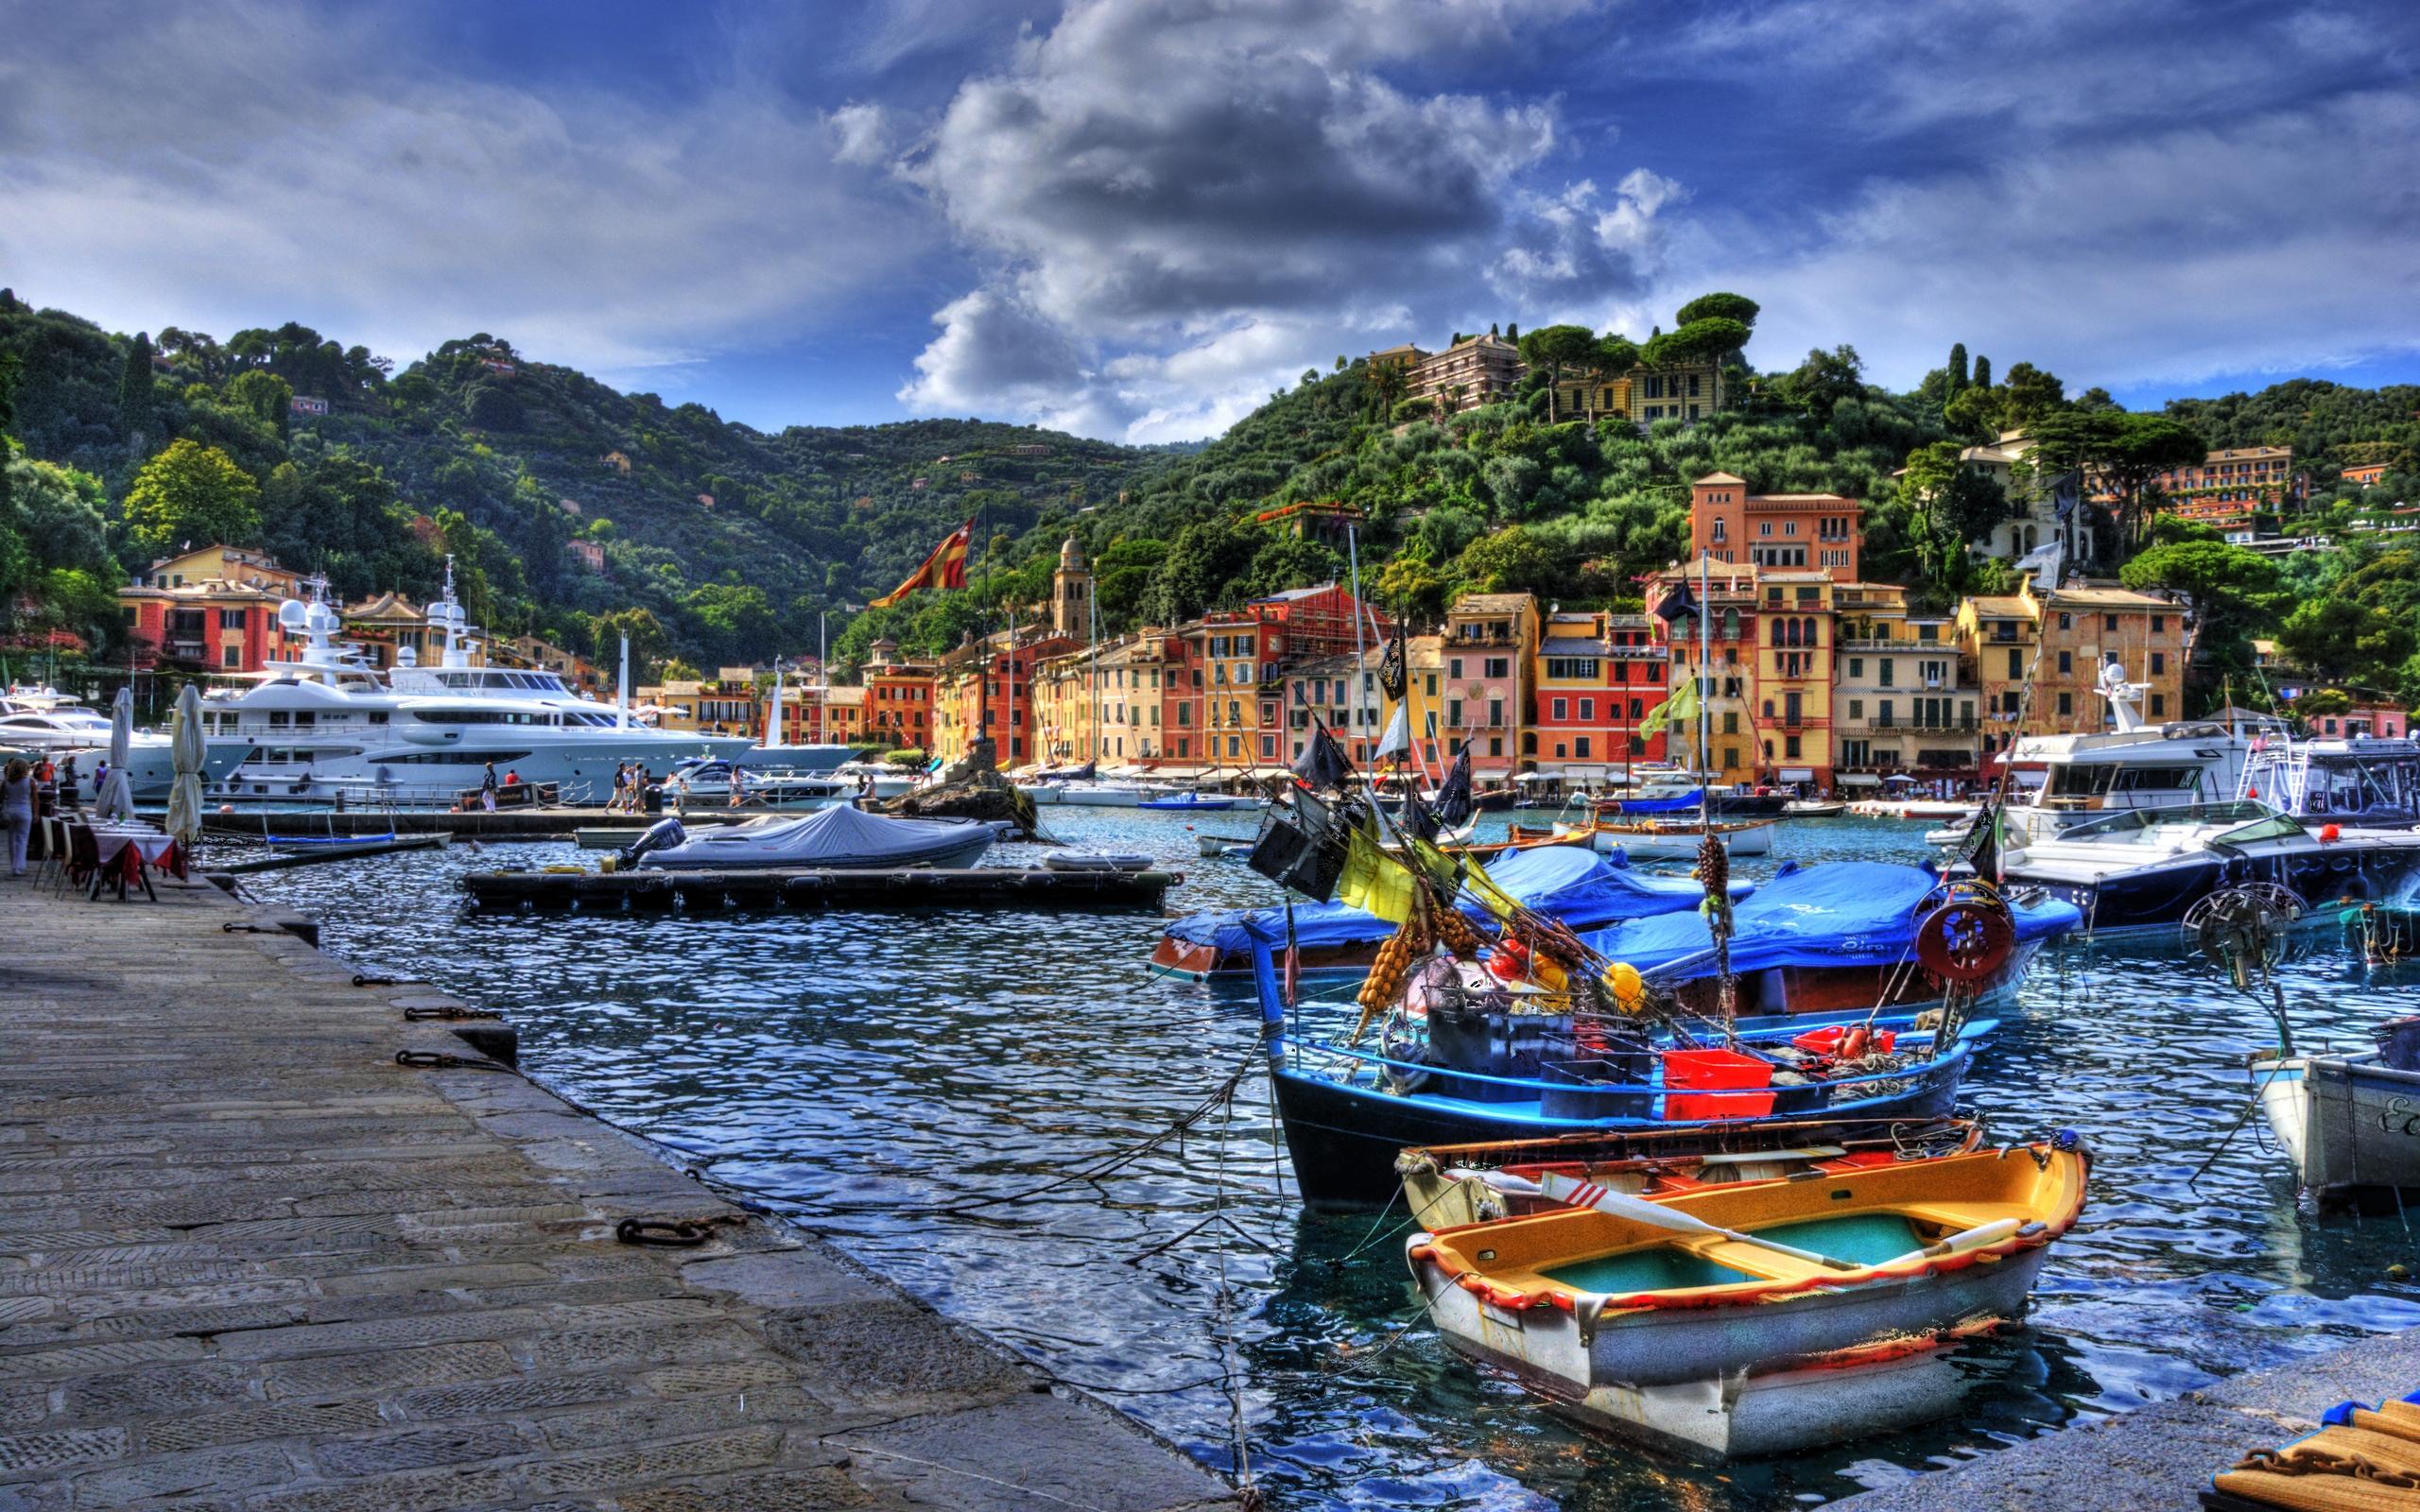 Escale à Portofino – the chic seaside town on the Italian Riviera